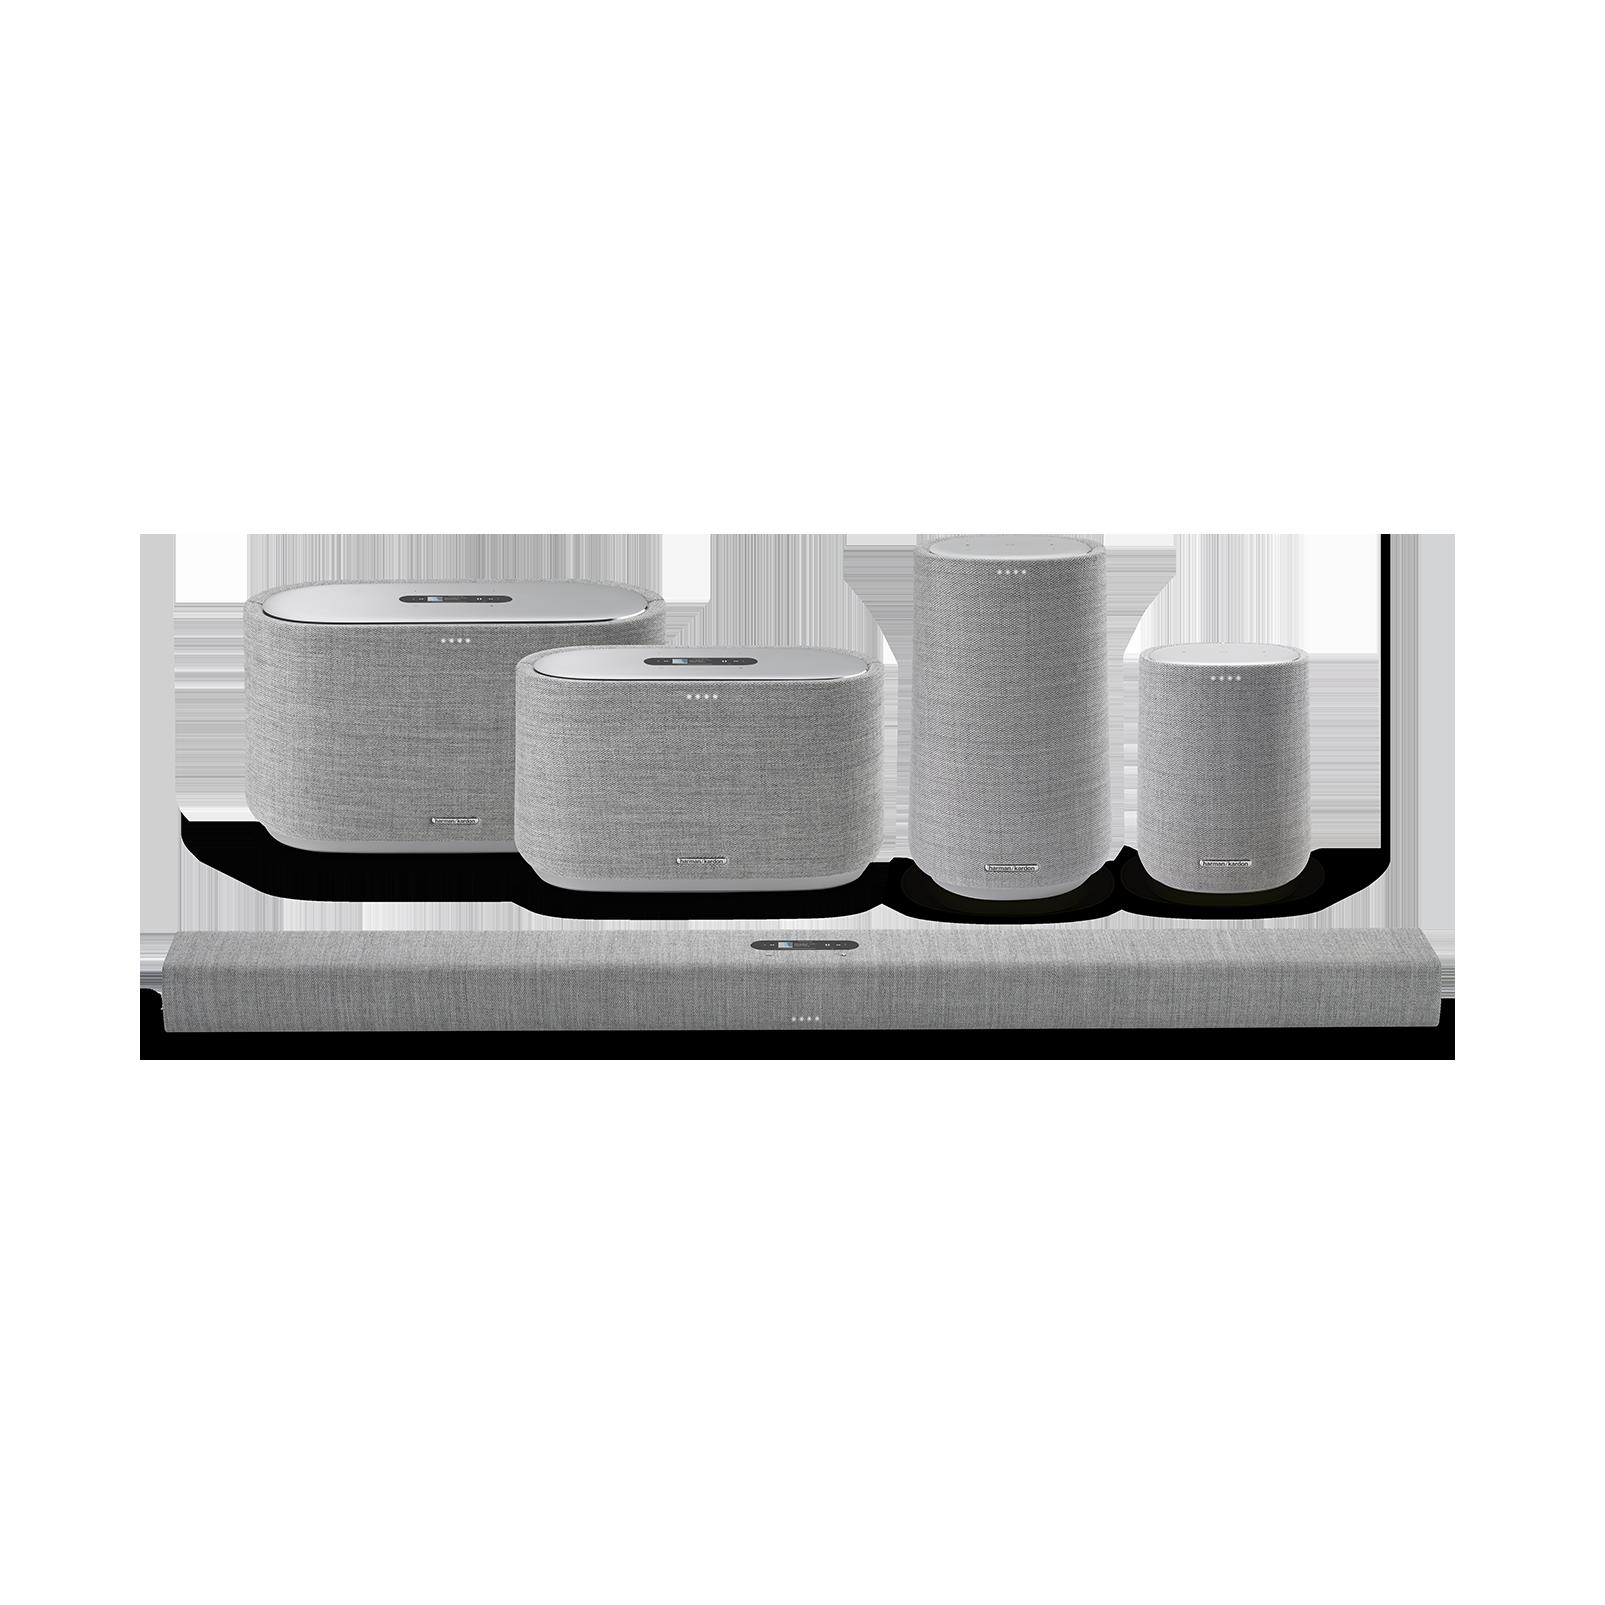 Harman Kardon Citation 500 - Grey - Large Tabletop Smart Home Loudspeaker System - Detailshot 5